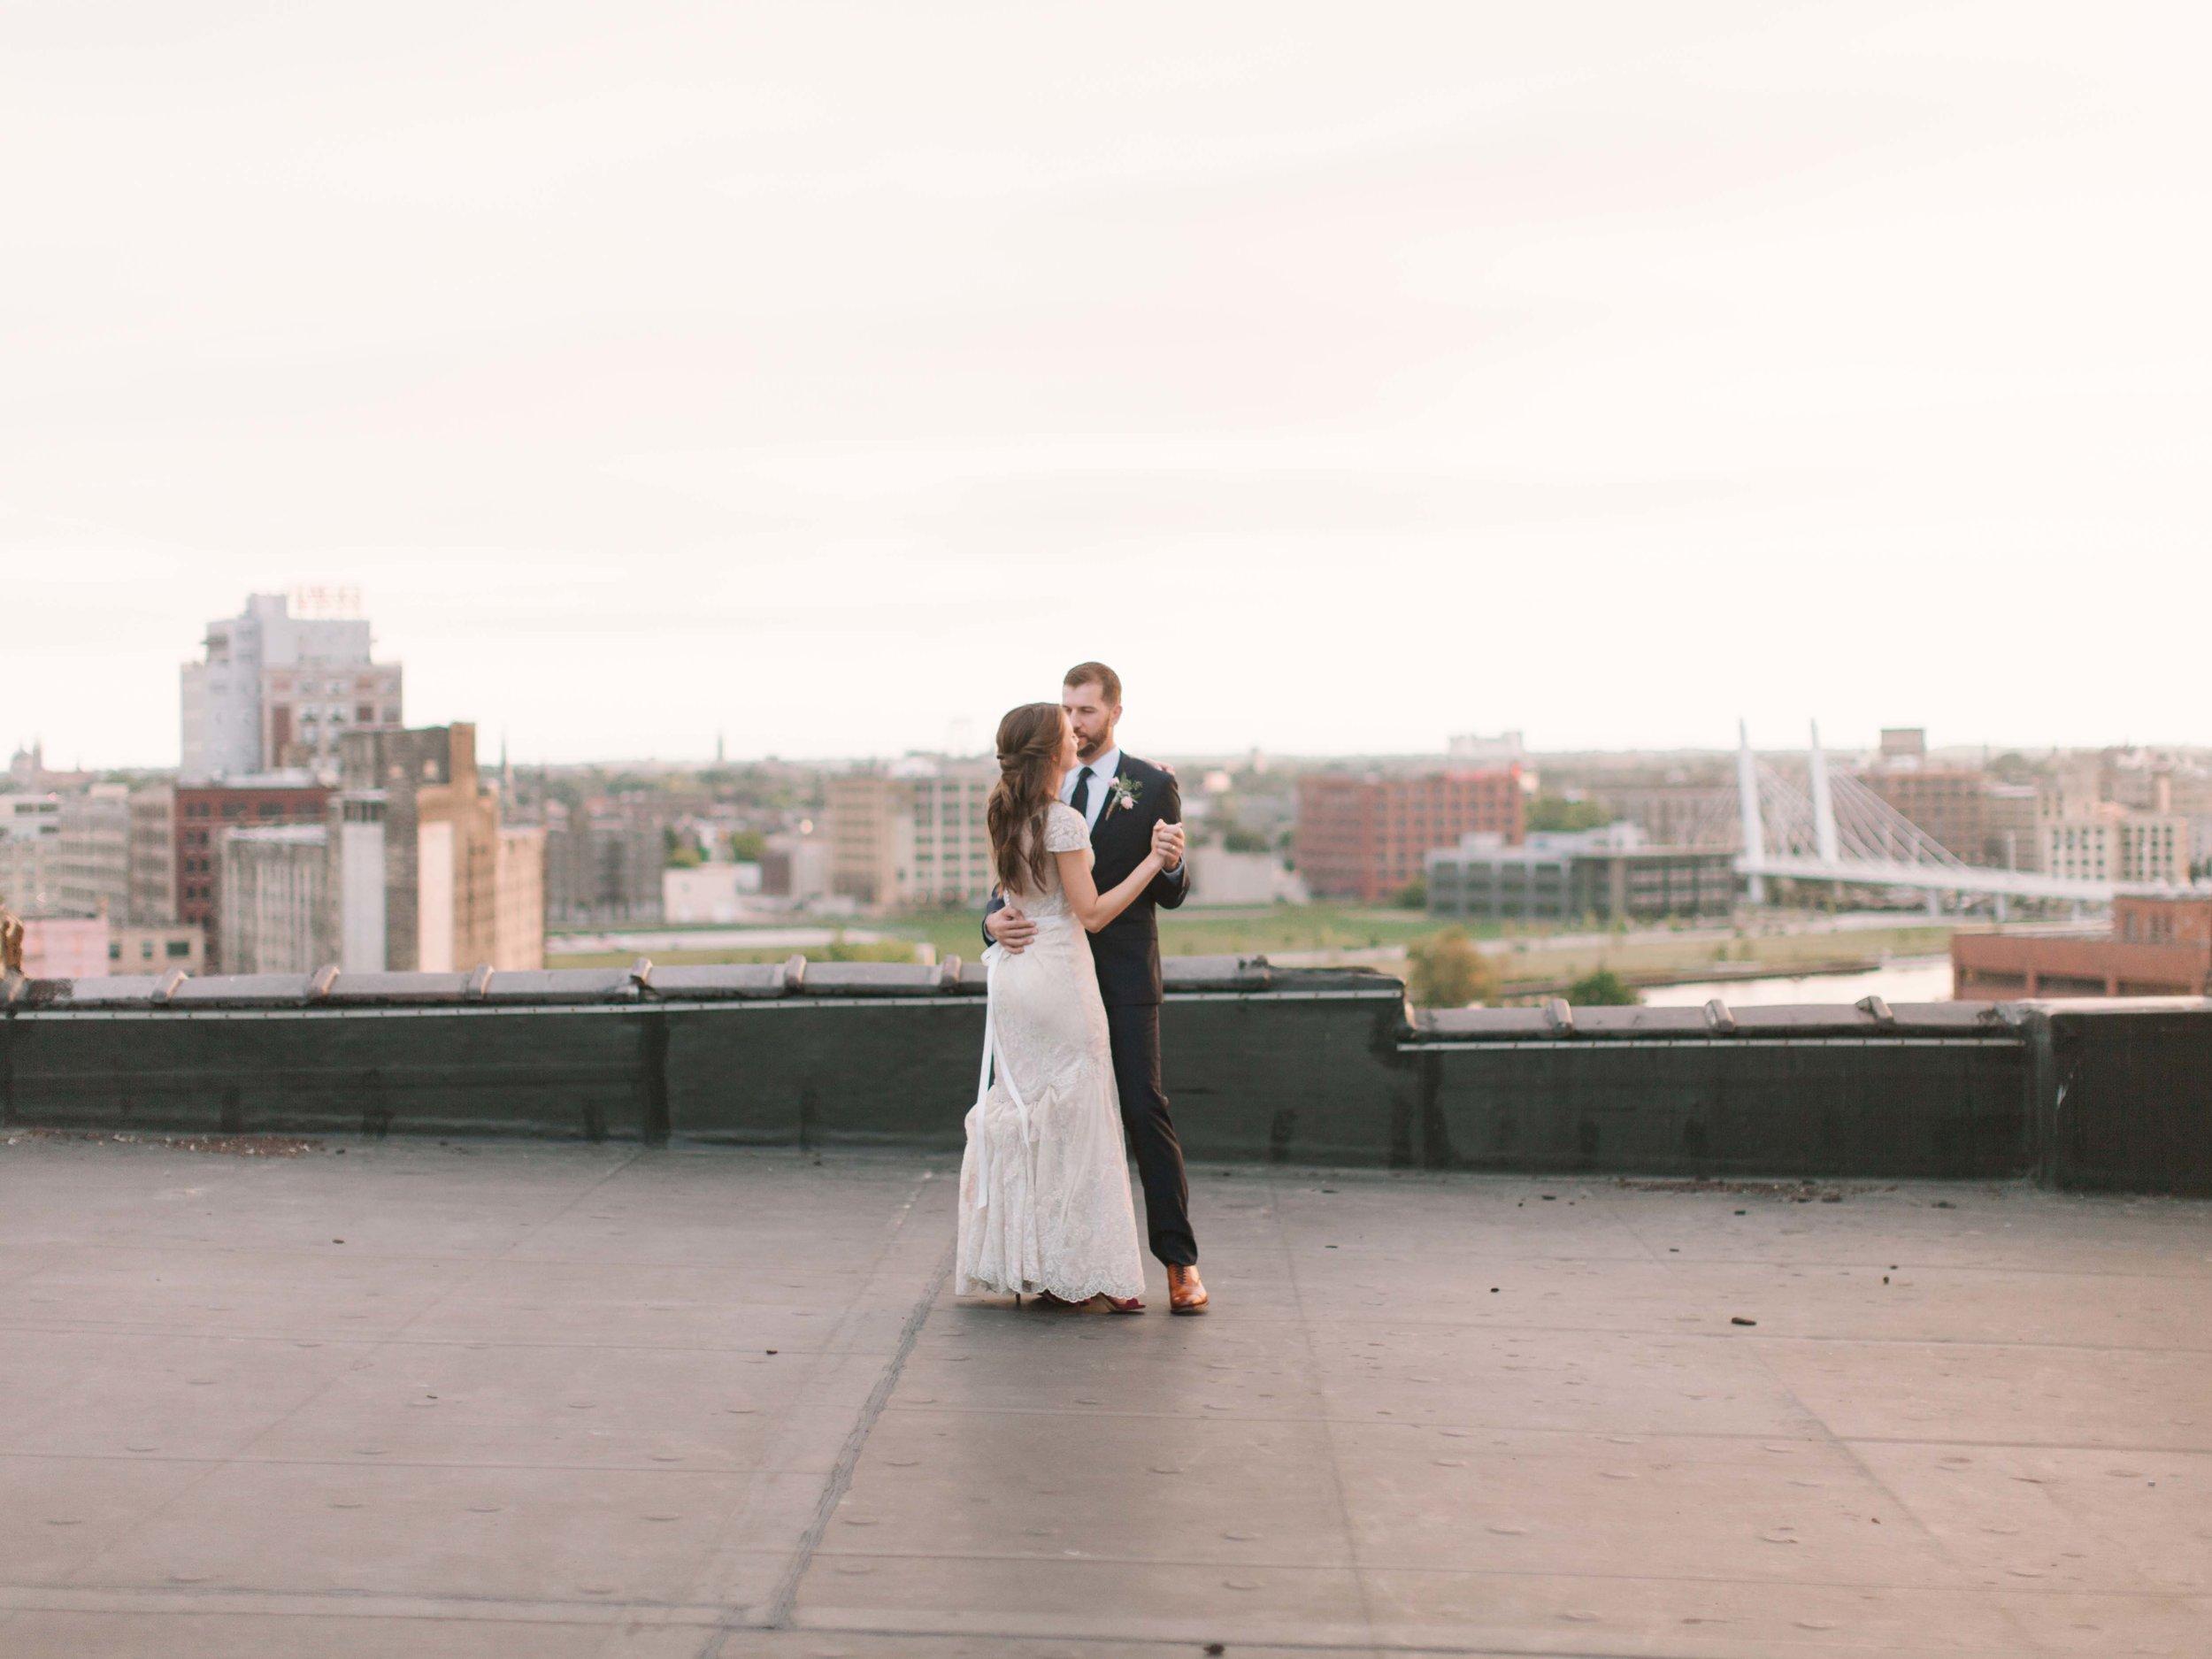 kateweinsteinphoto_clairewillie_wedding-605.jpg